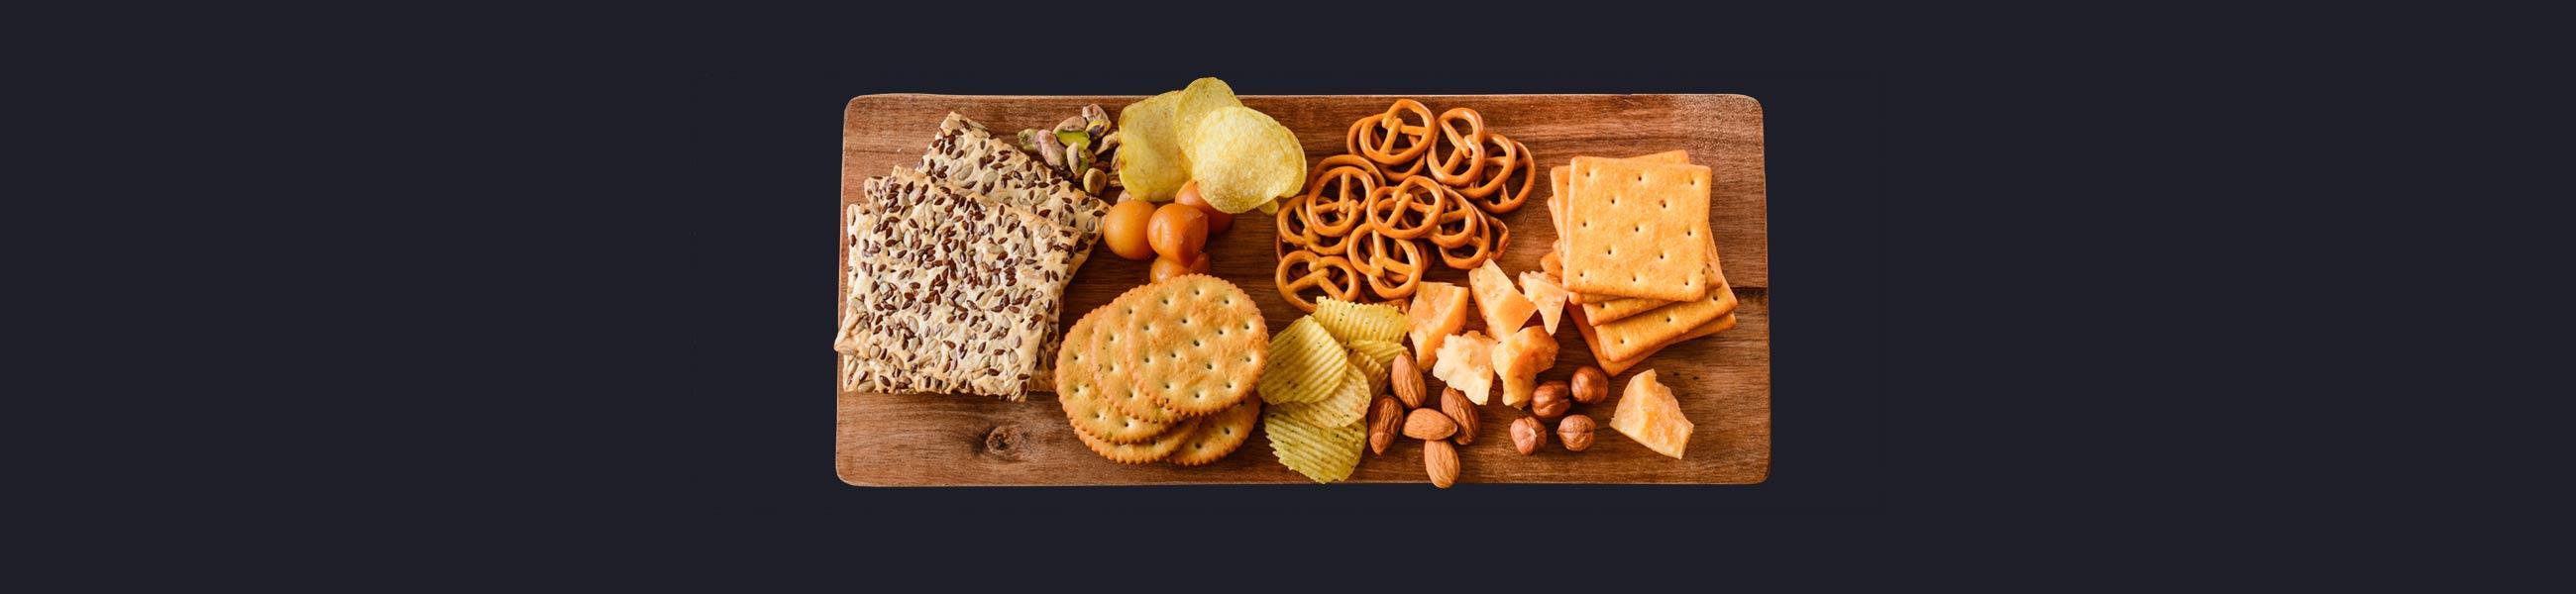 Snacks, salt for food